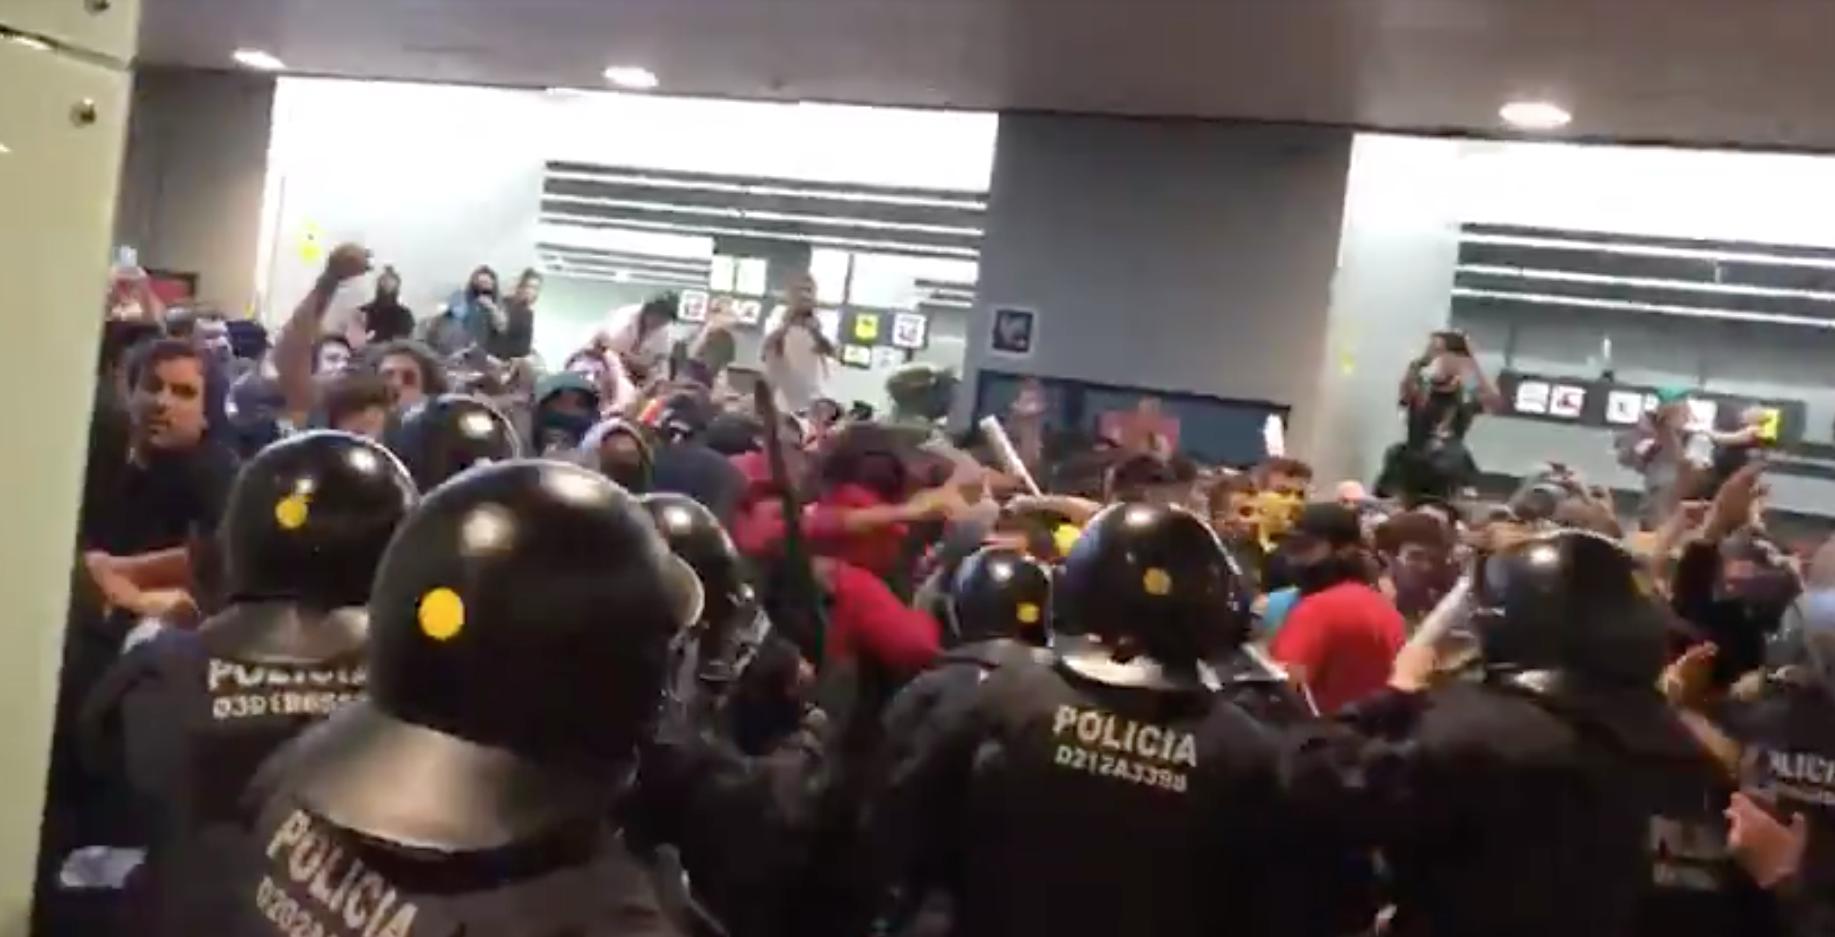 Primeras cargas de los Mossos en el aeropuerto durante las movilizaciones por la sentencia del 'procés'